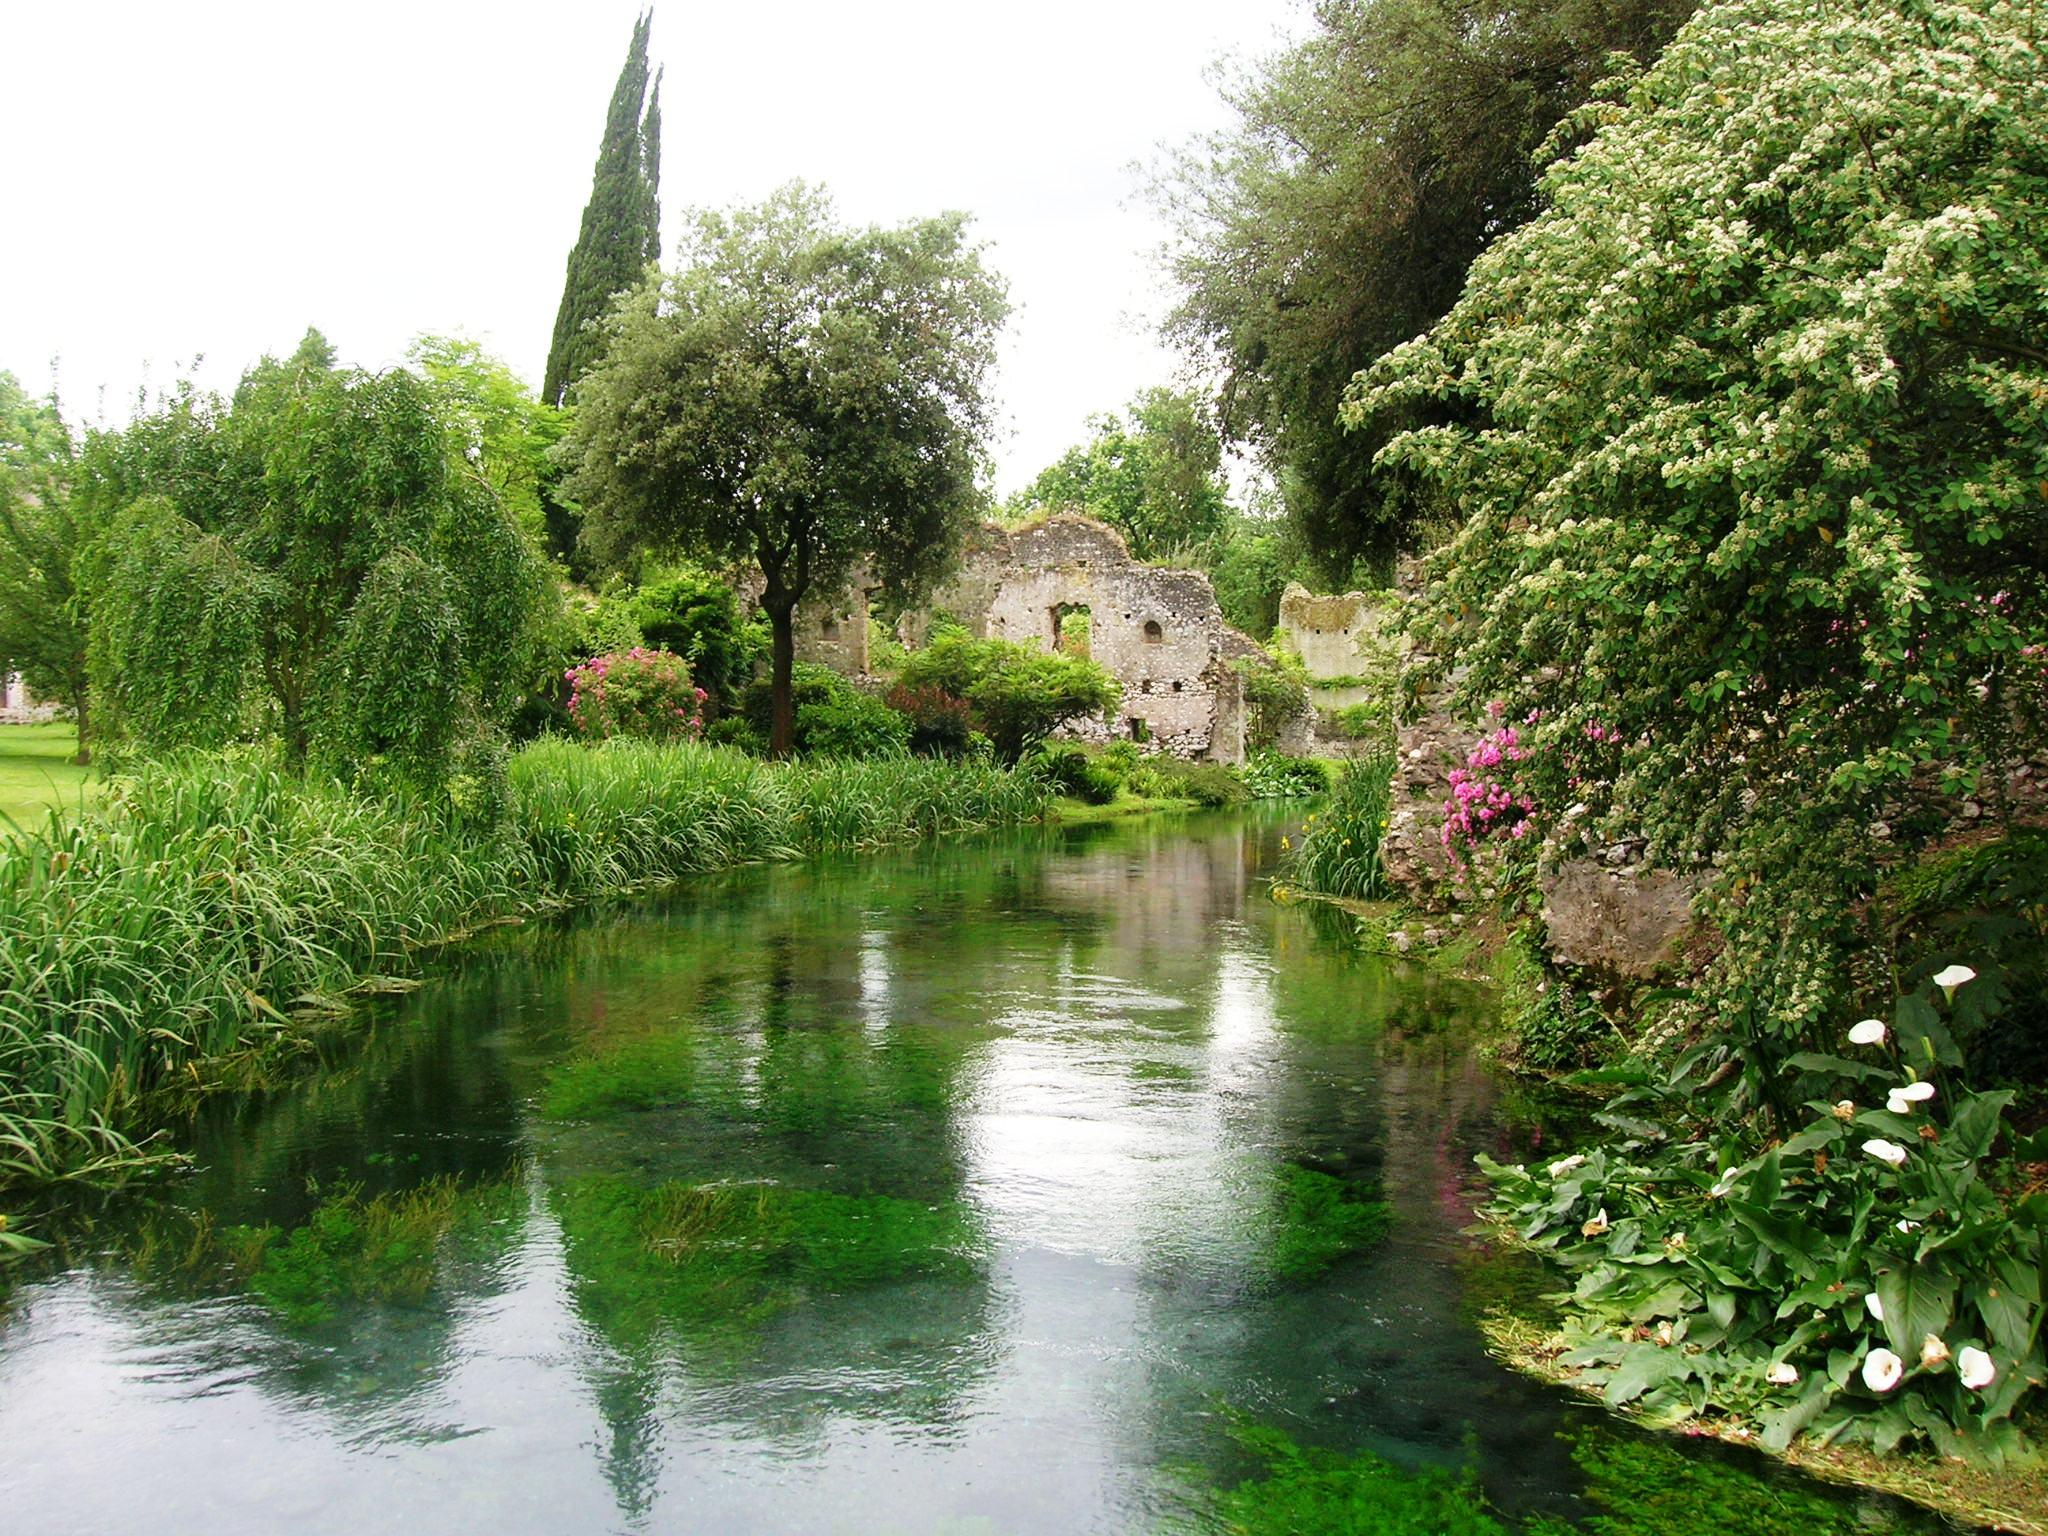 Il parco pi bello d 39 italia il giardino di ninfa i giorni di apertura al pubblico nel 2018 - Giardino d oriente roma ...